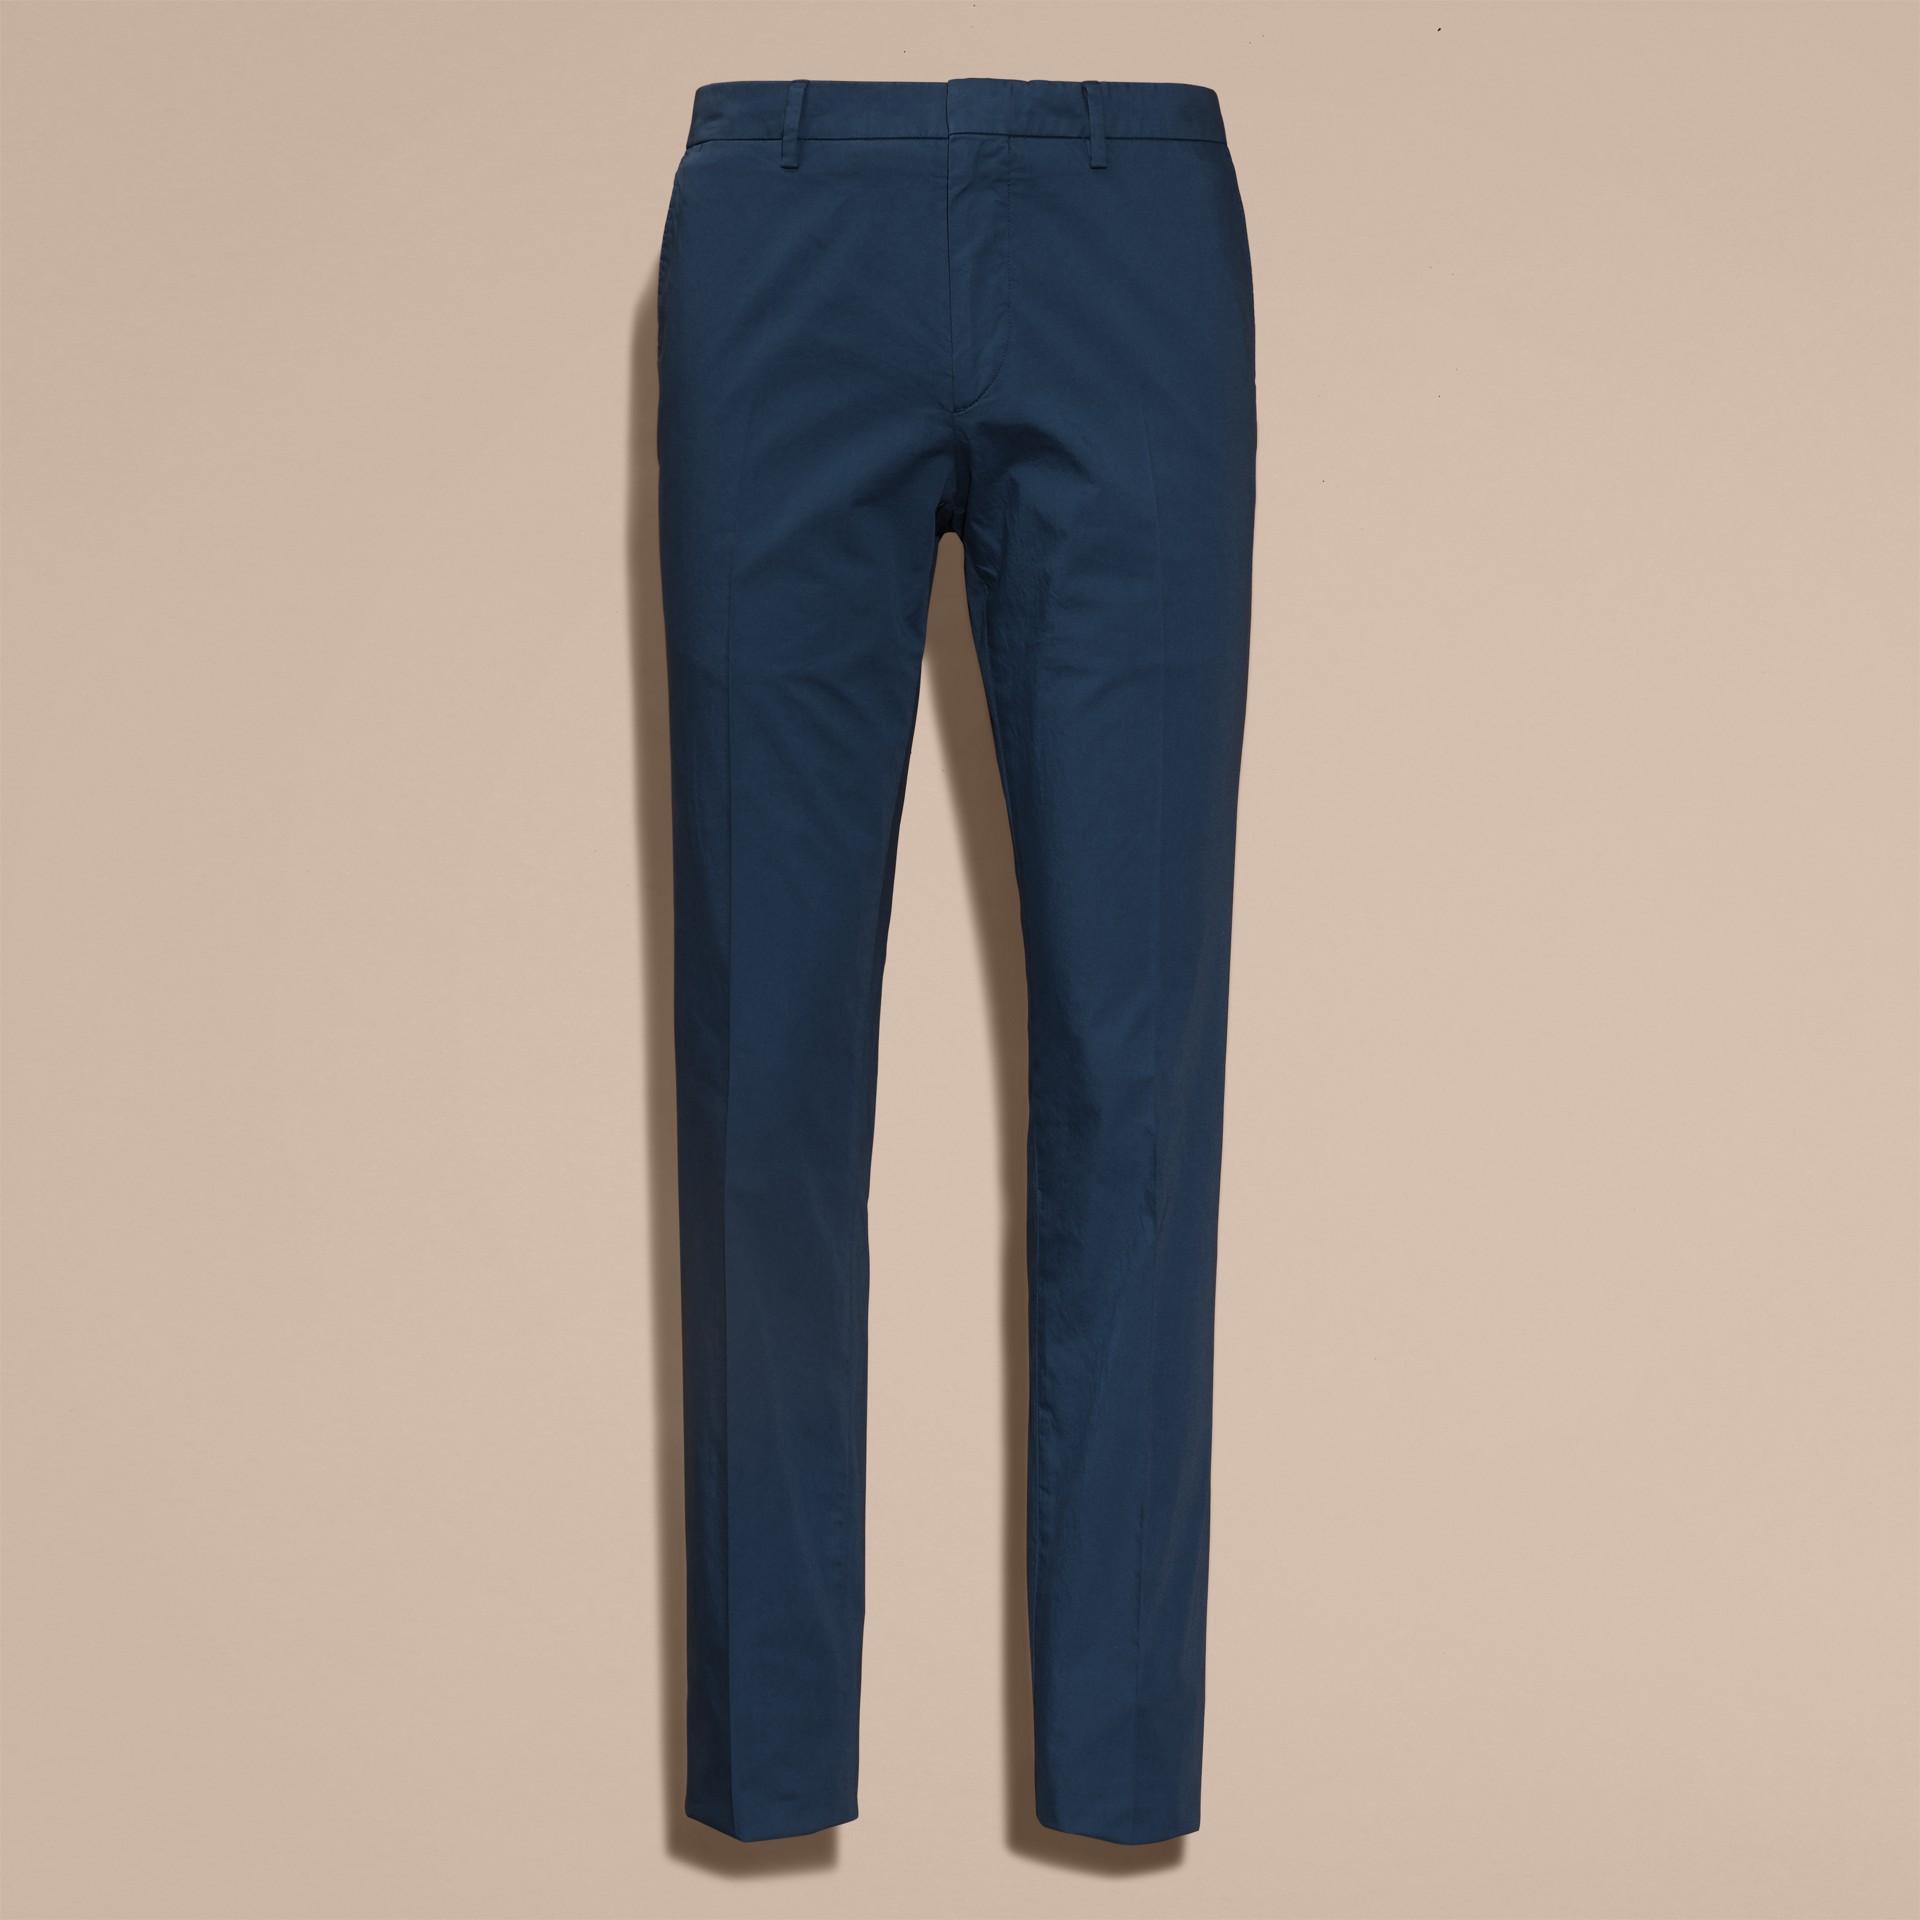 Яркий голубовато-стальной Узкие брюки из эластичной ткани Яркий Голубовато-стальной - изображение 4